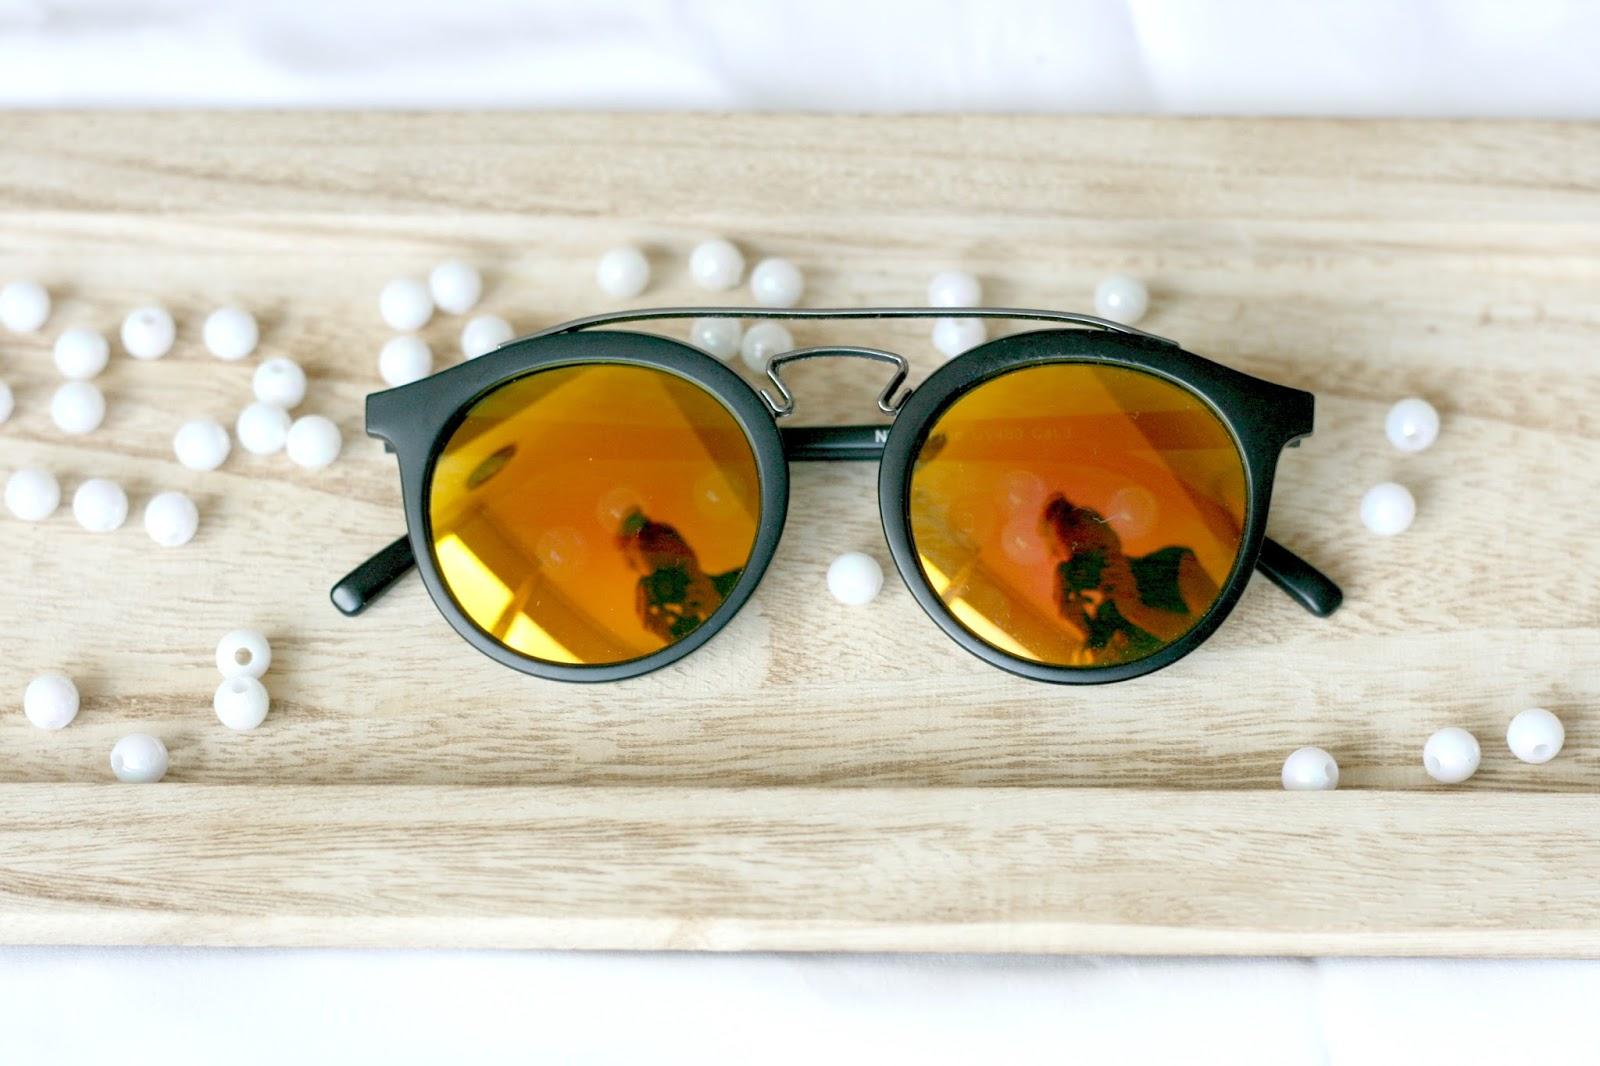 66b619821fbc01 ... keuze aangezien Freakyglasses een ruim aanbod heeft aan festival  zonnebrillen! Maar uiteindelijk ging ik voor een zwarte zonnebril met rood- gele ...